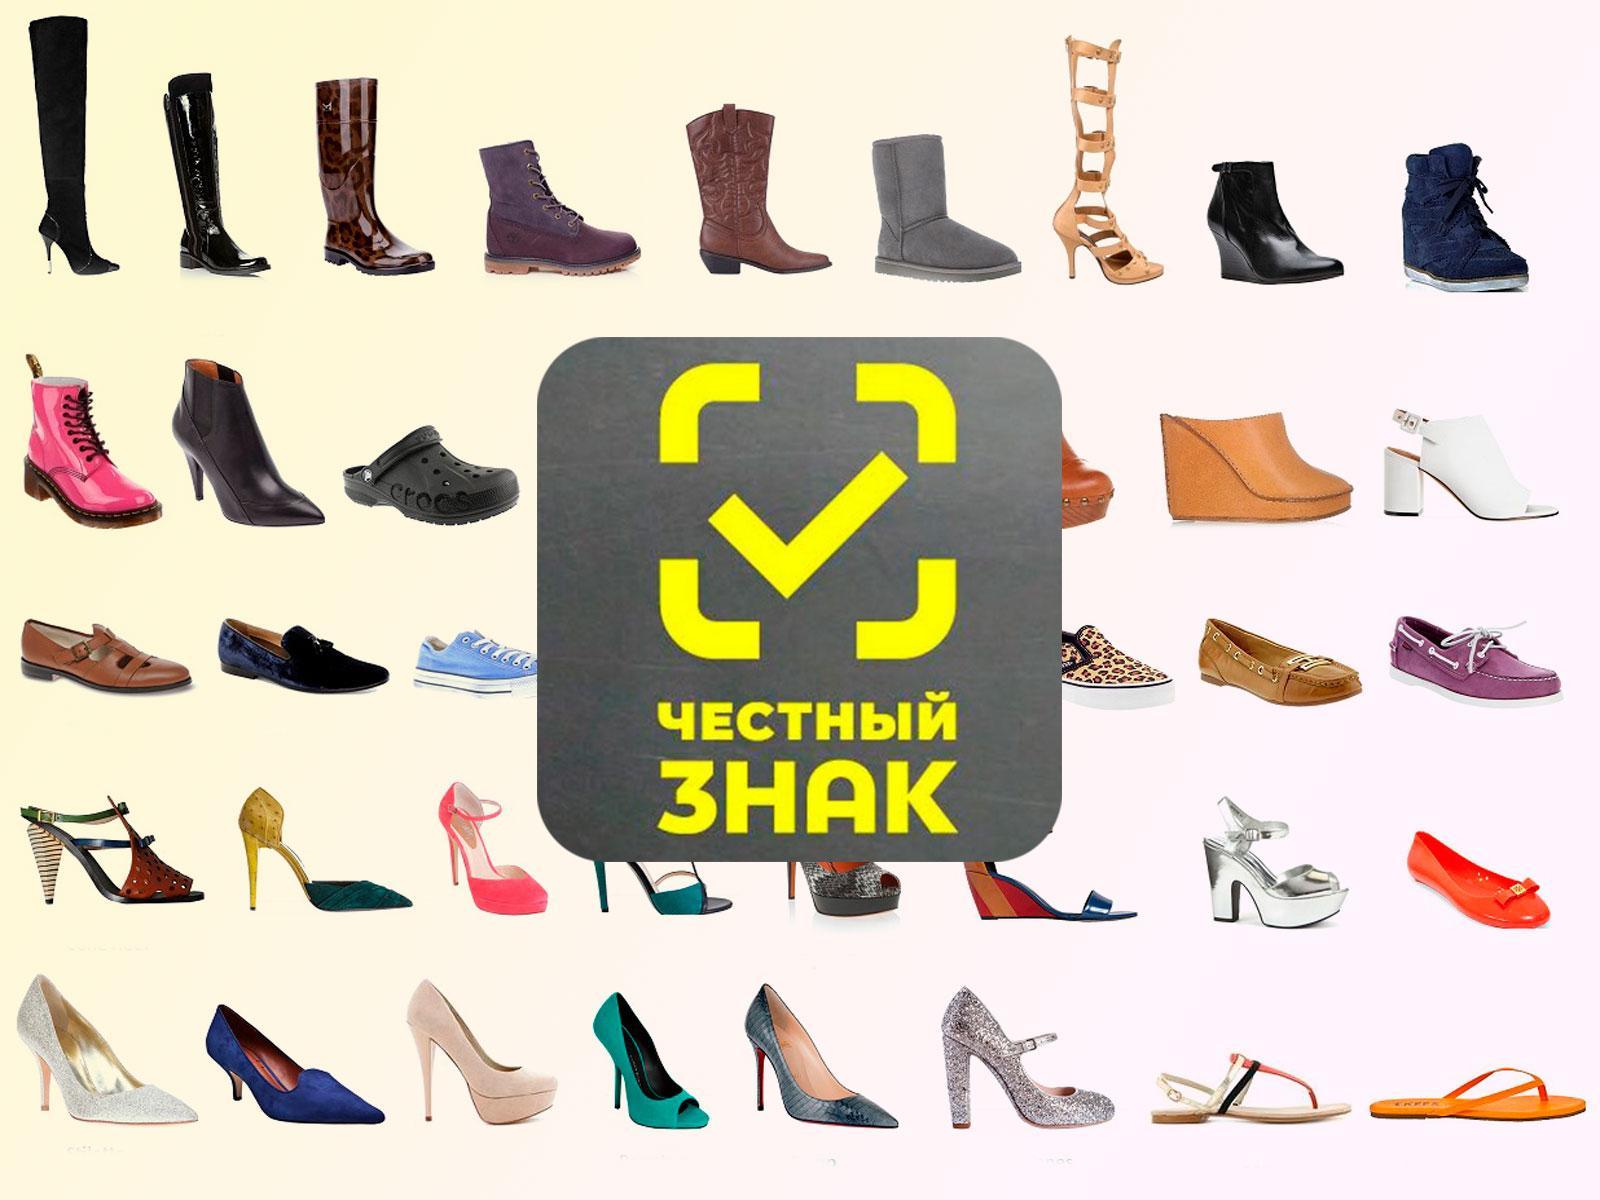 Какая обувь подлежит маркировке